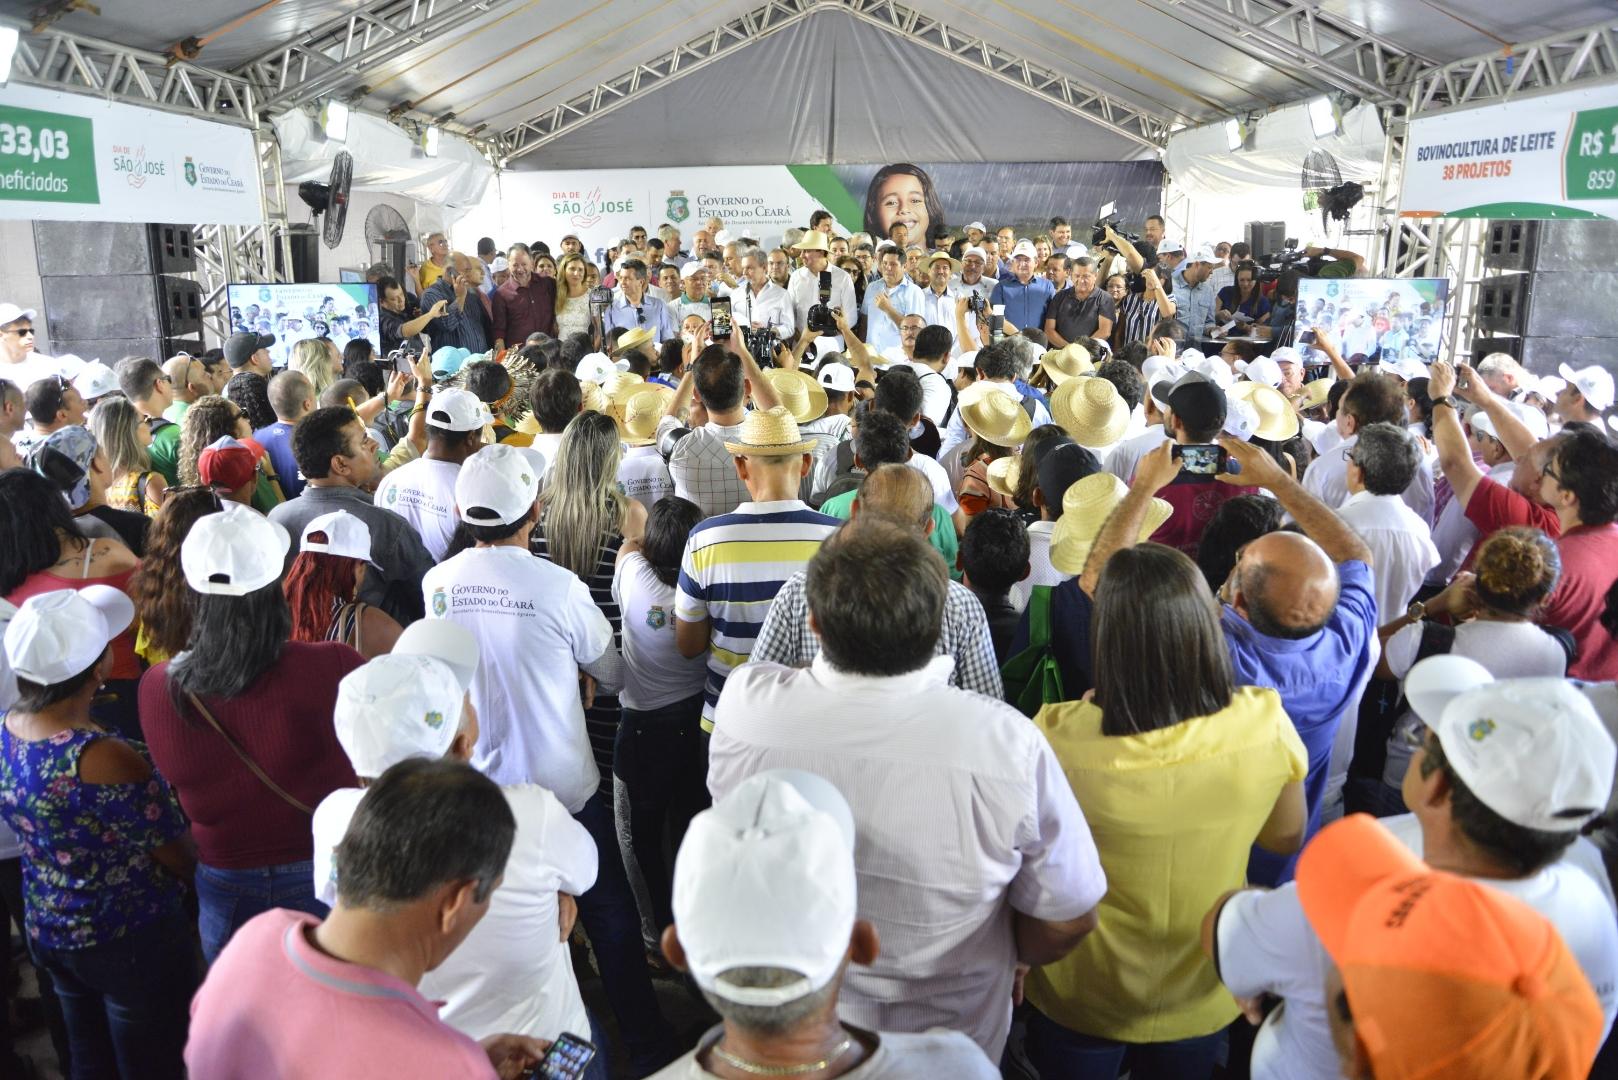 Dia de São José: Governador anuncia novos recursos e realiza entregas para agricultores